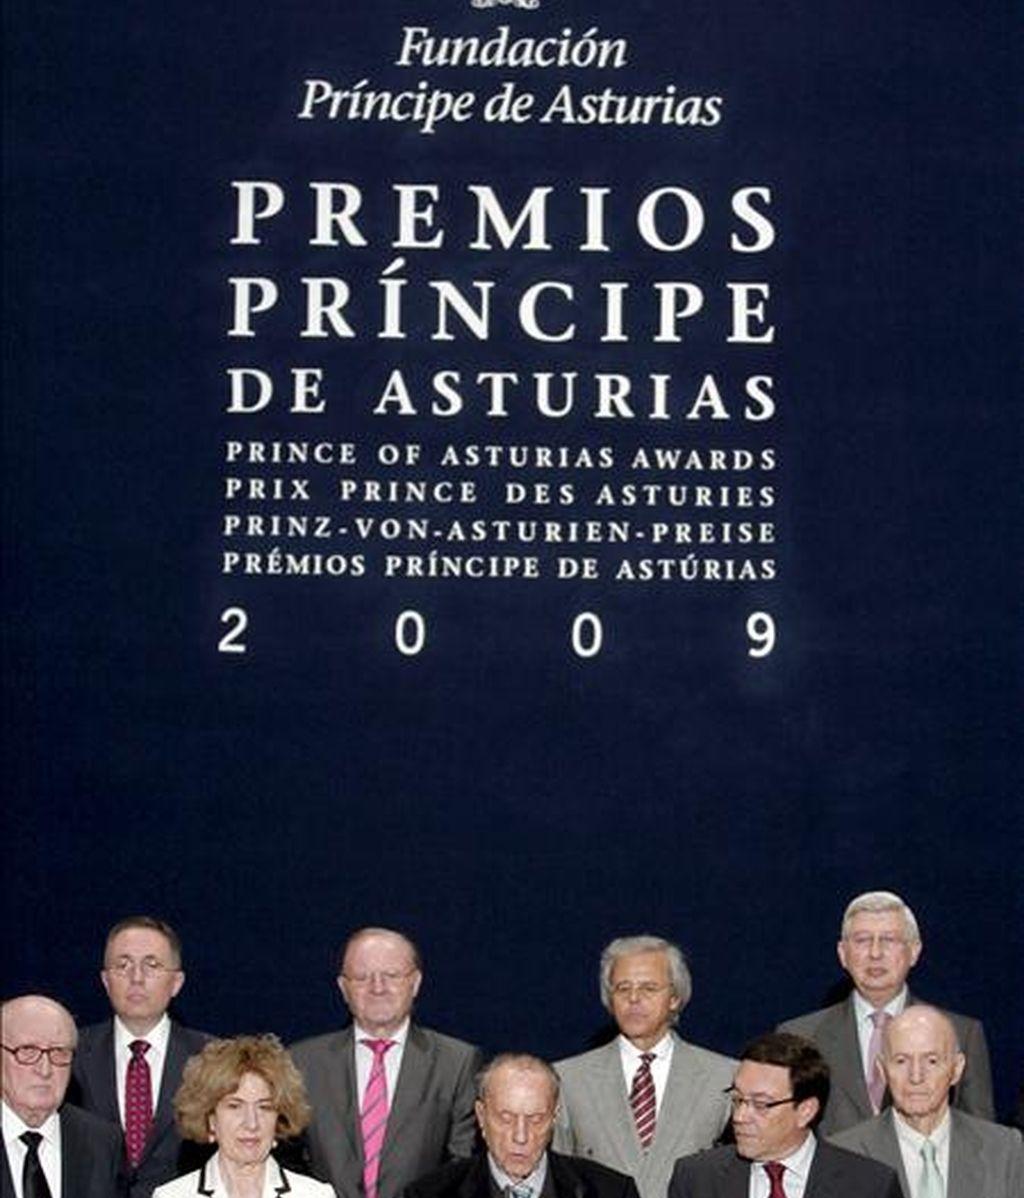 El jurado del Premio Príncipe de Asturias de Ciencias Sociales 2009 presidido por el ex ministro Manuel Fraga (c). EFE/Archivo